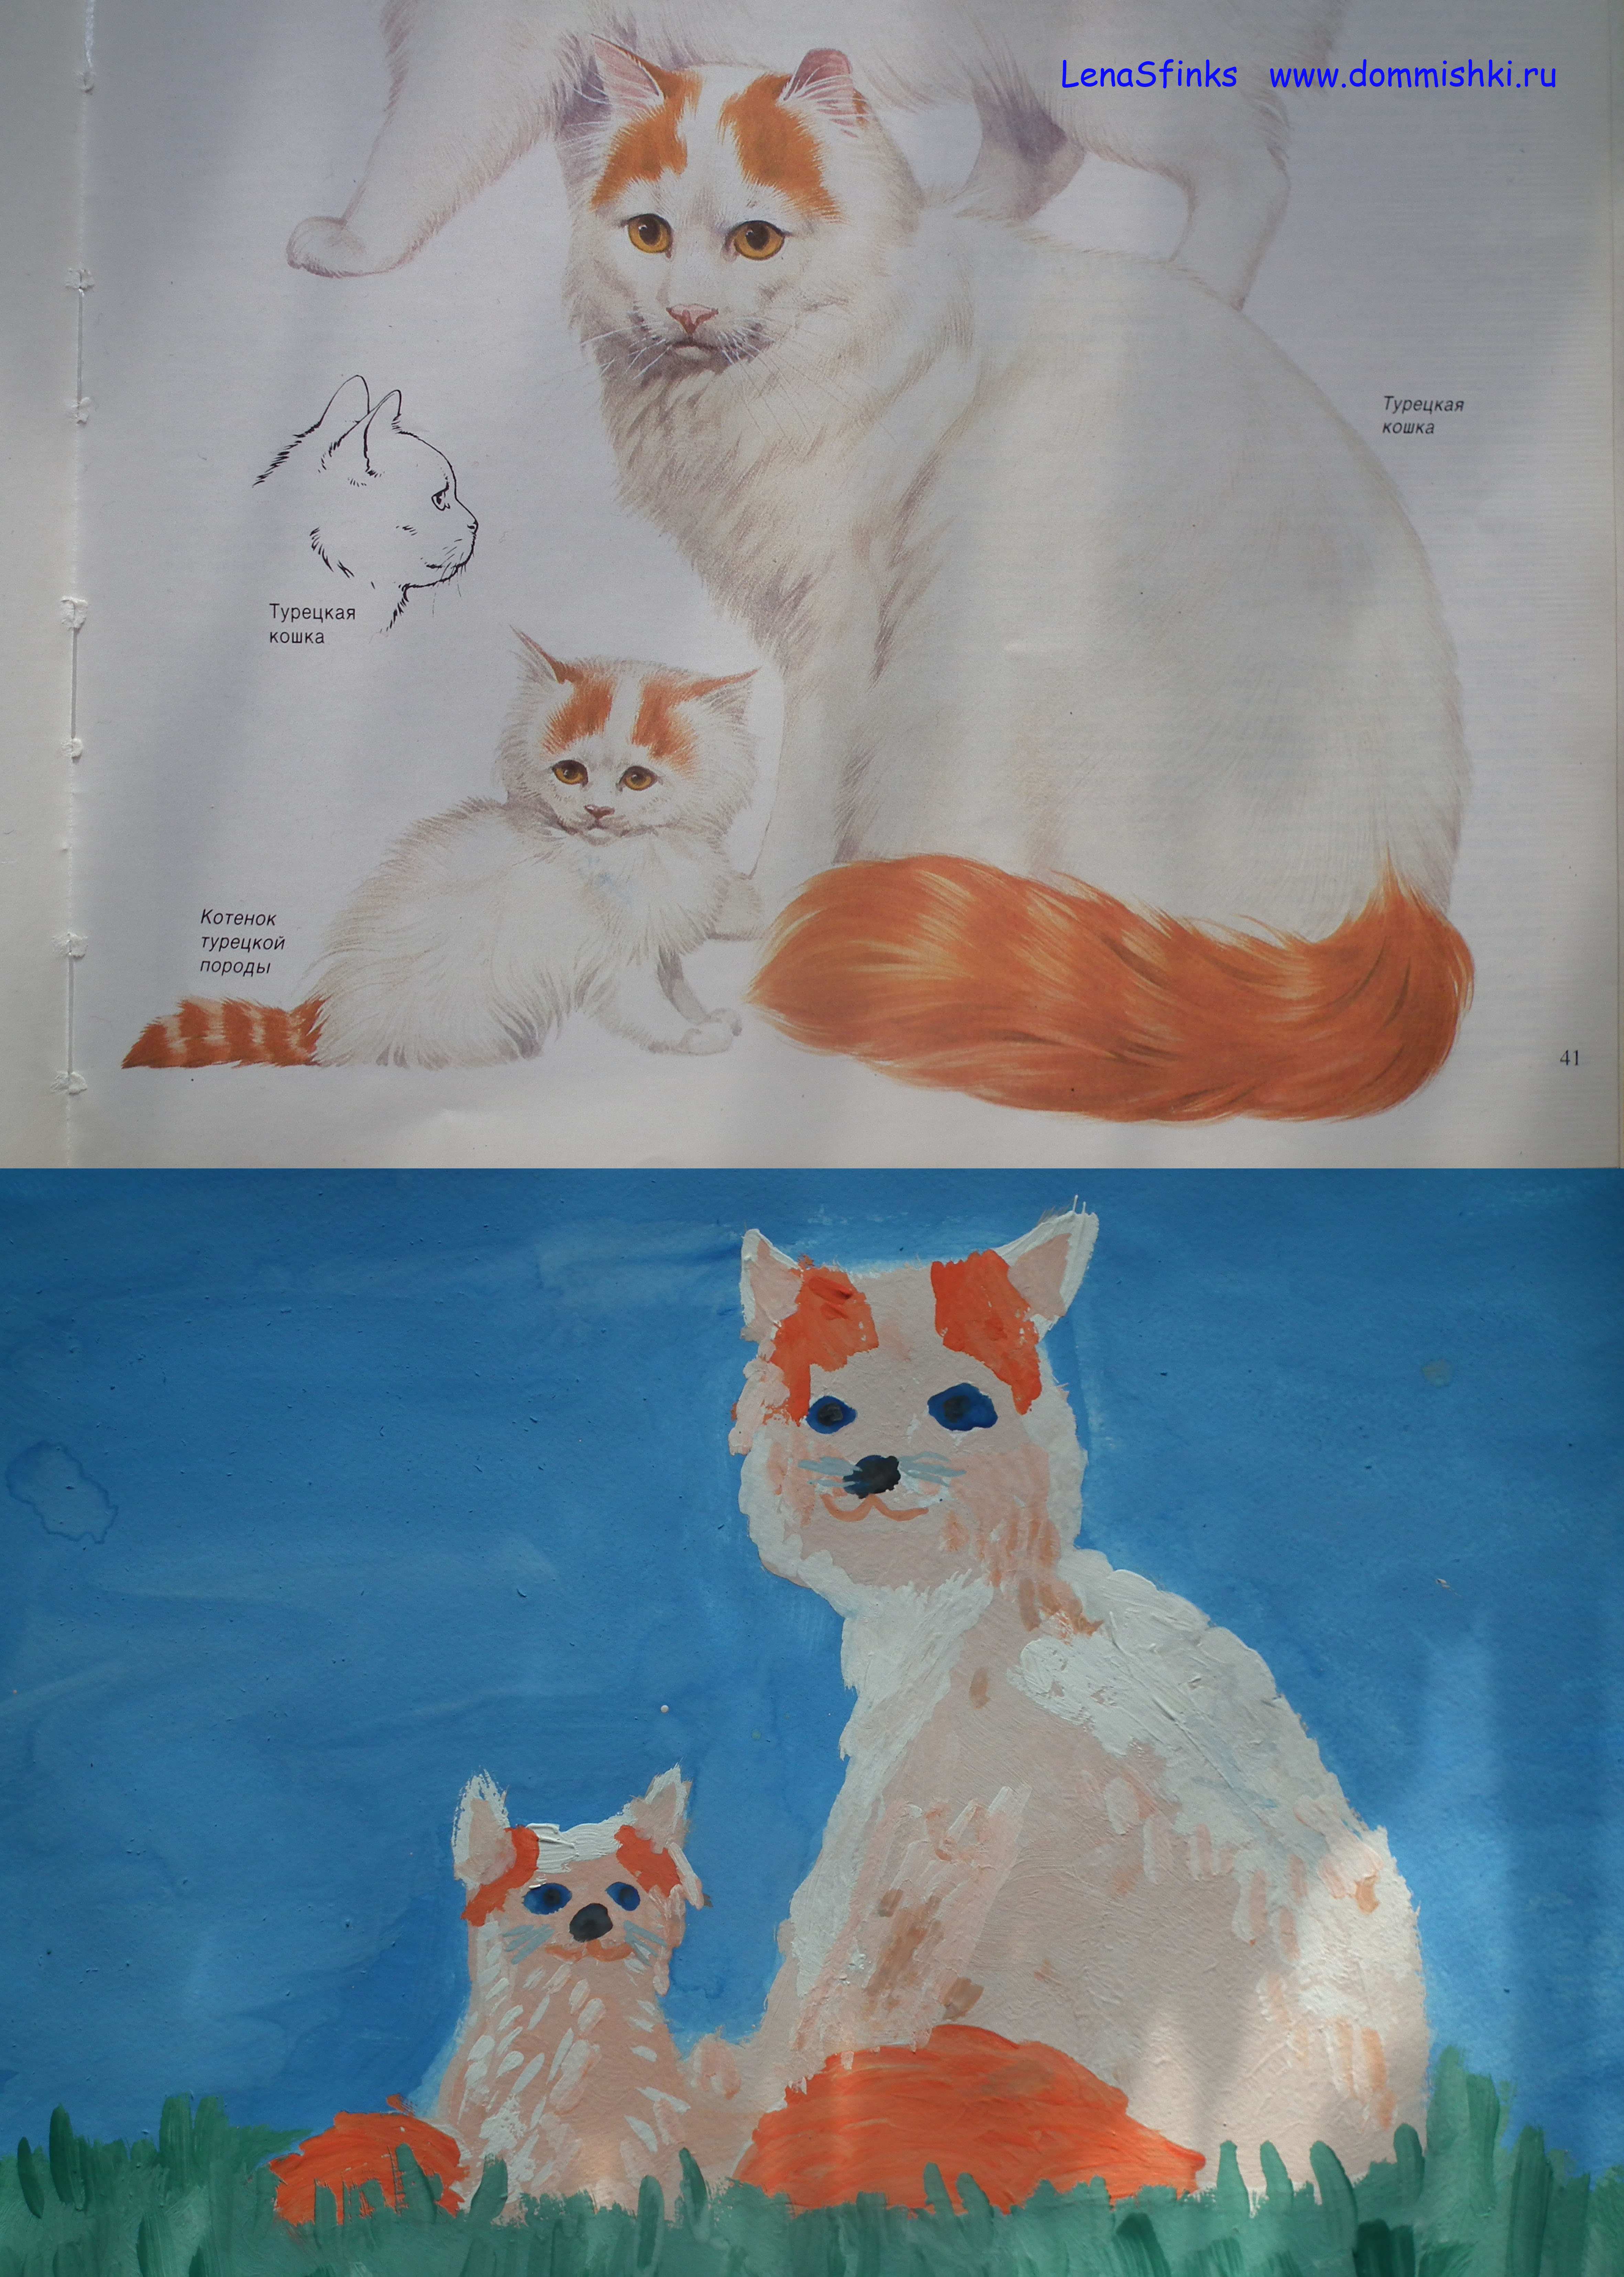 кошка3 - копия.jpg